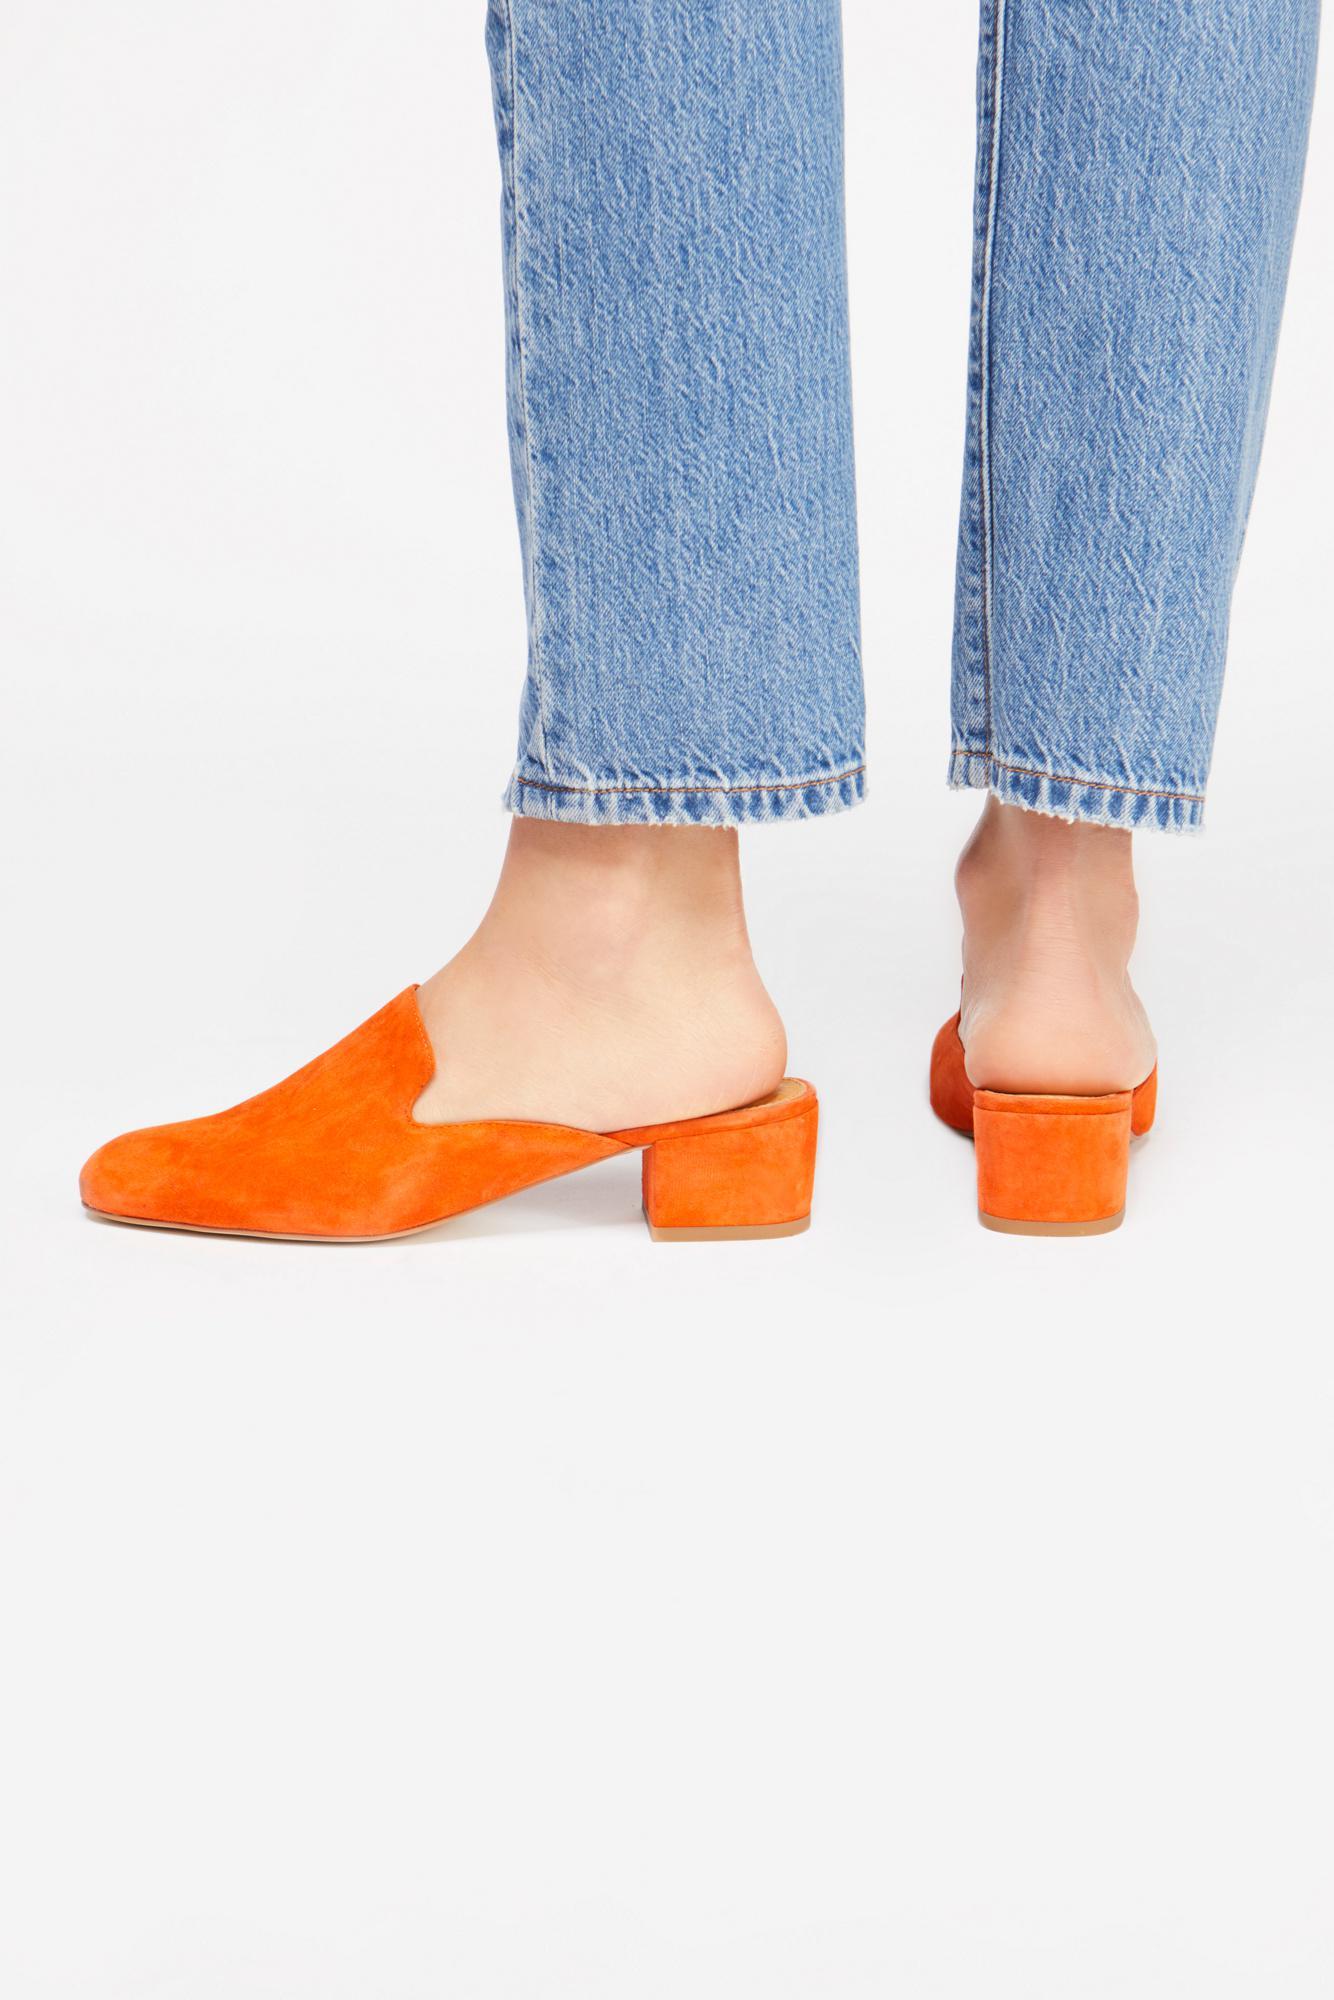 55d46239238 Lyst - Free People Supreme Block Heel Mule By Silent D in Orange